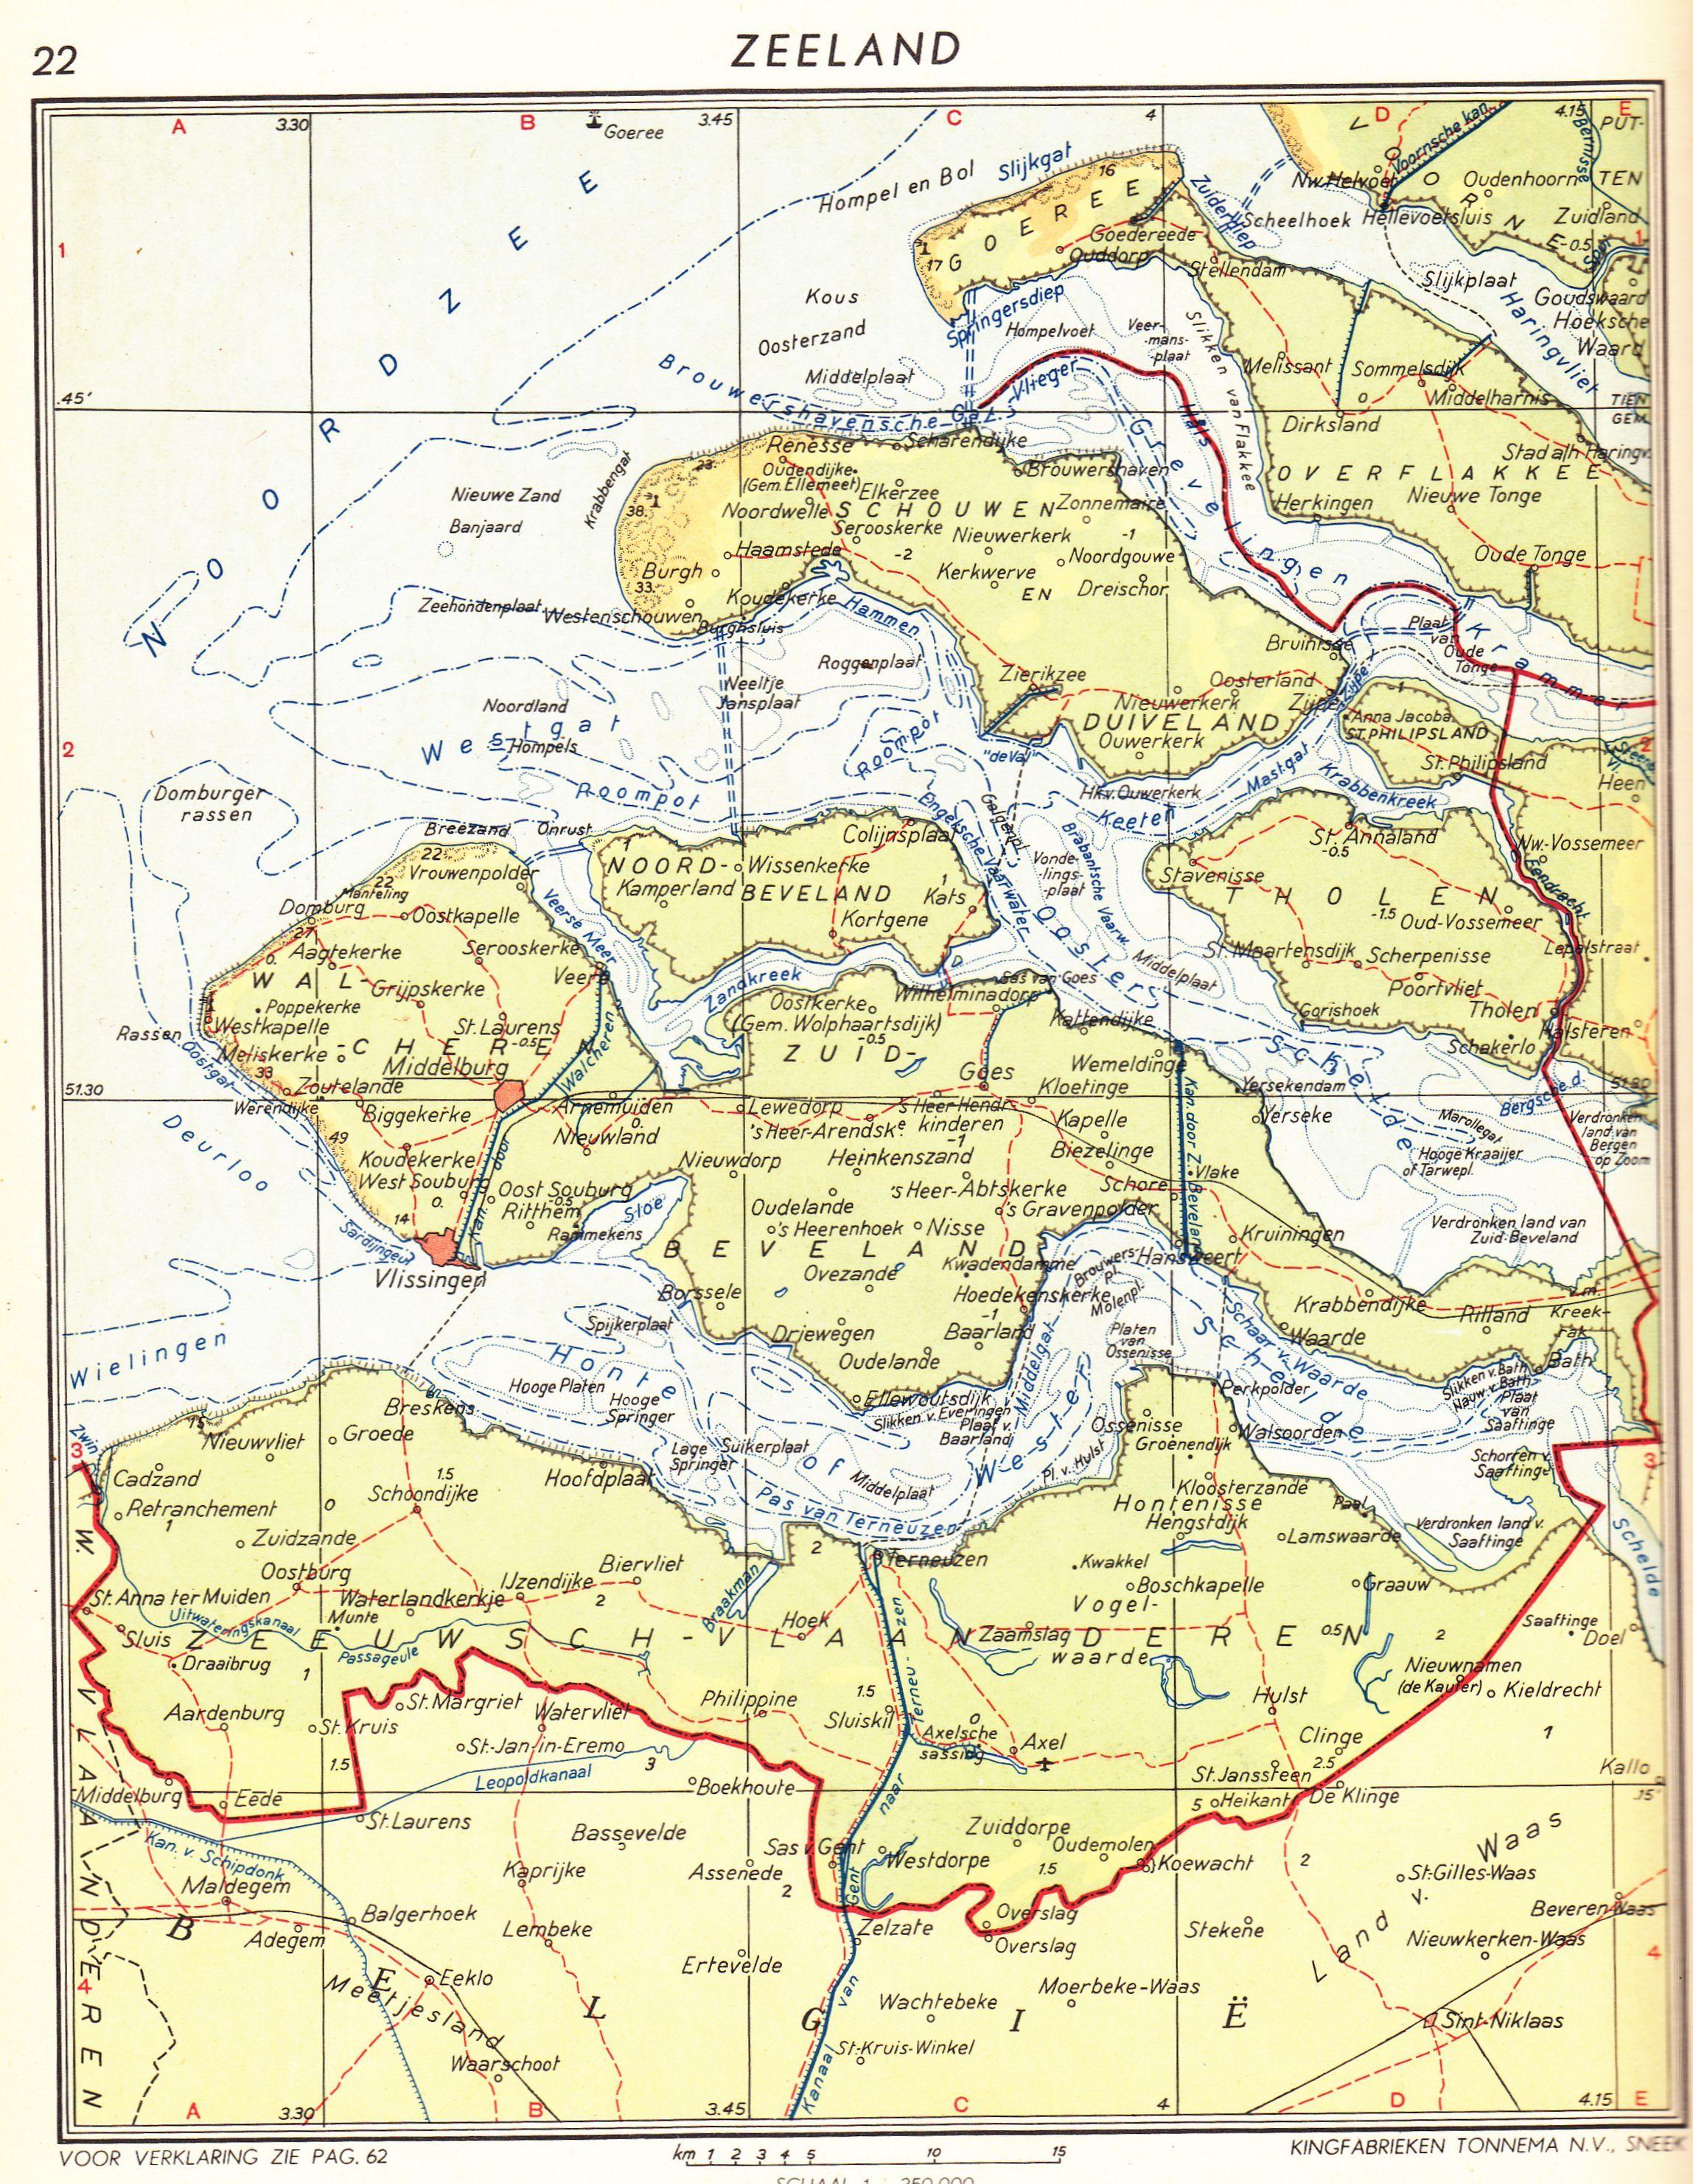 King Wereldatlas 1960 Zeeland in kaarten ZeelandNetherlands on